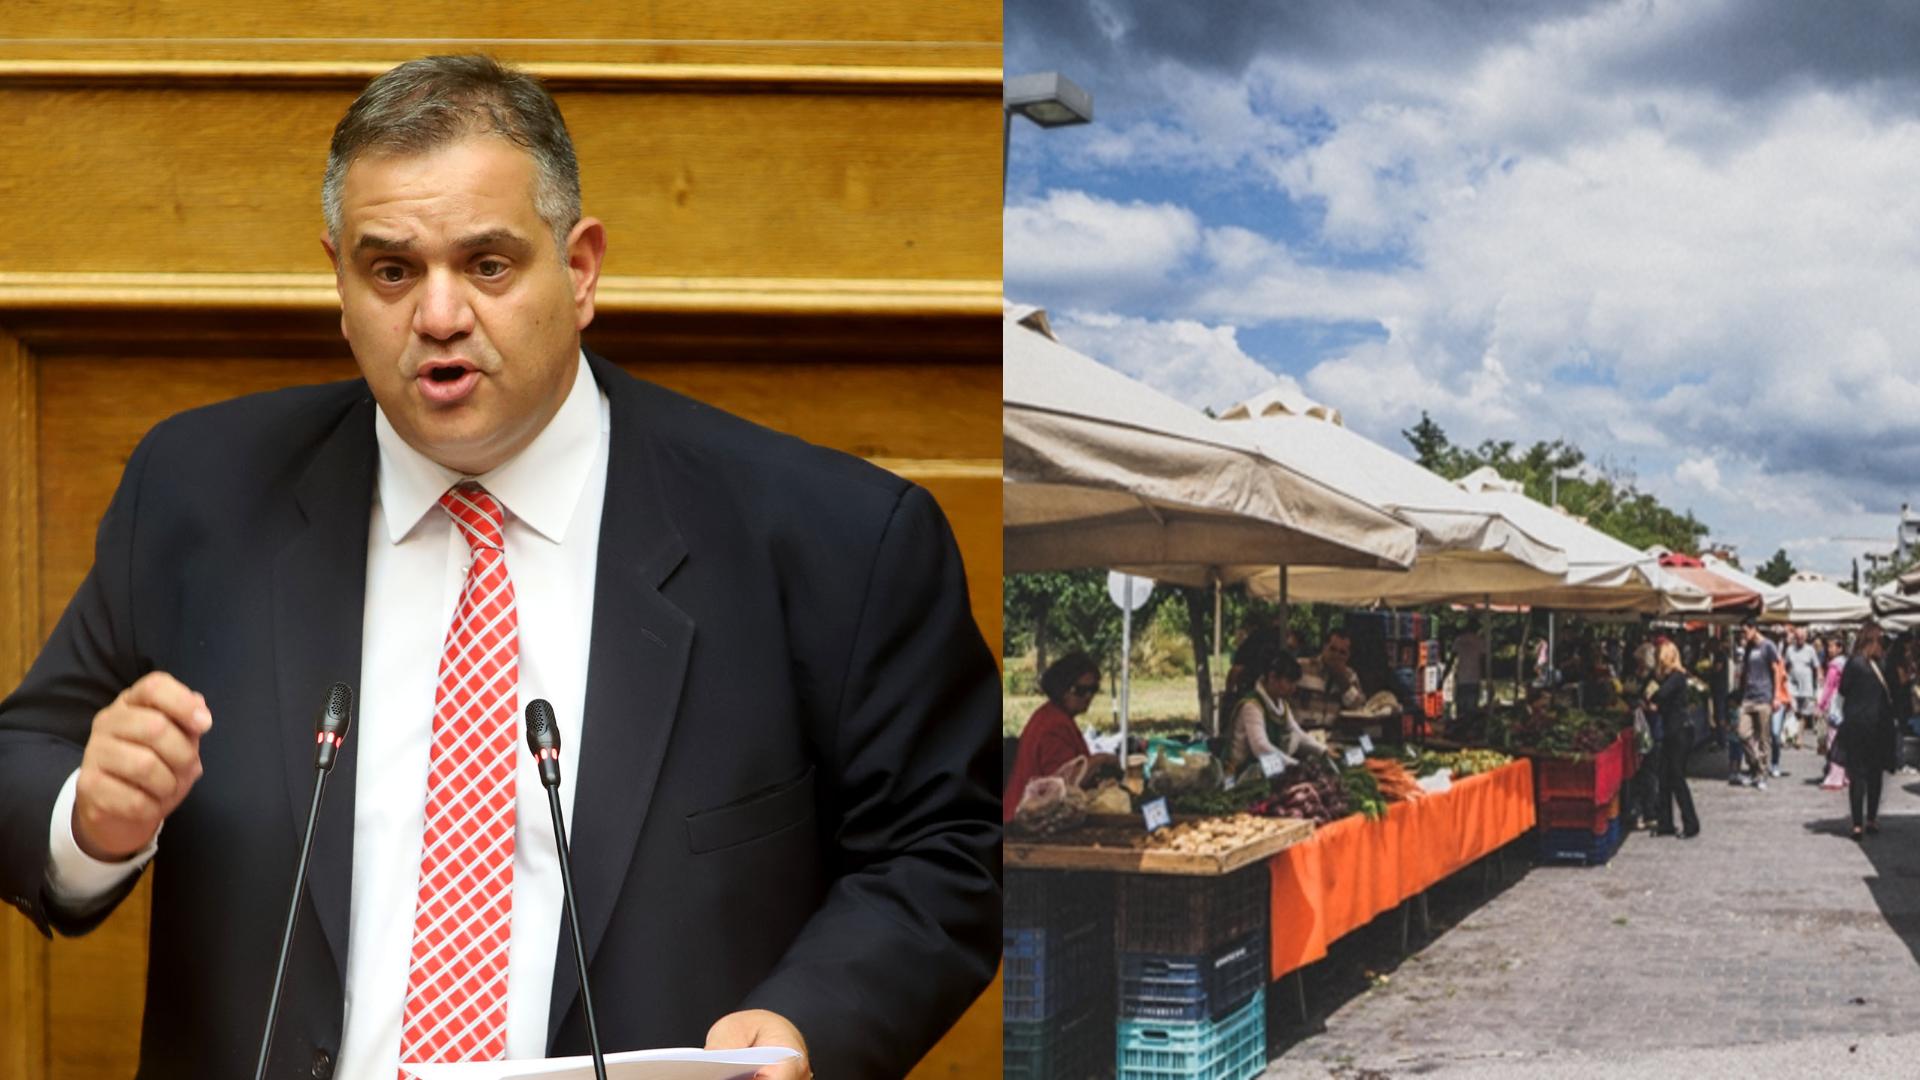 Βασίλης Σπανάκης :  Δεκτή η τροπολογία για την παράταση προθεσμιών και άρση ανάκλησης επαγγελματικών αδειών υπαίθριου εμπορίου για κοινωνικούς λόγους